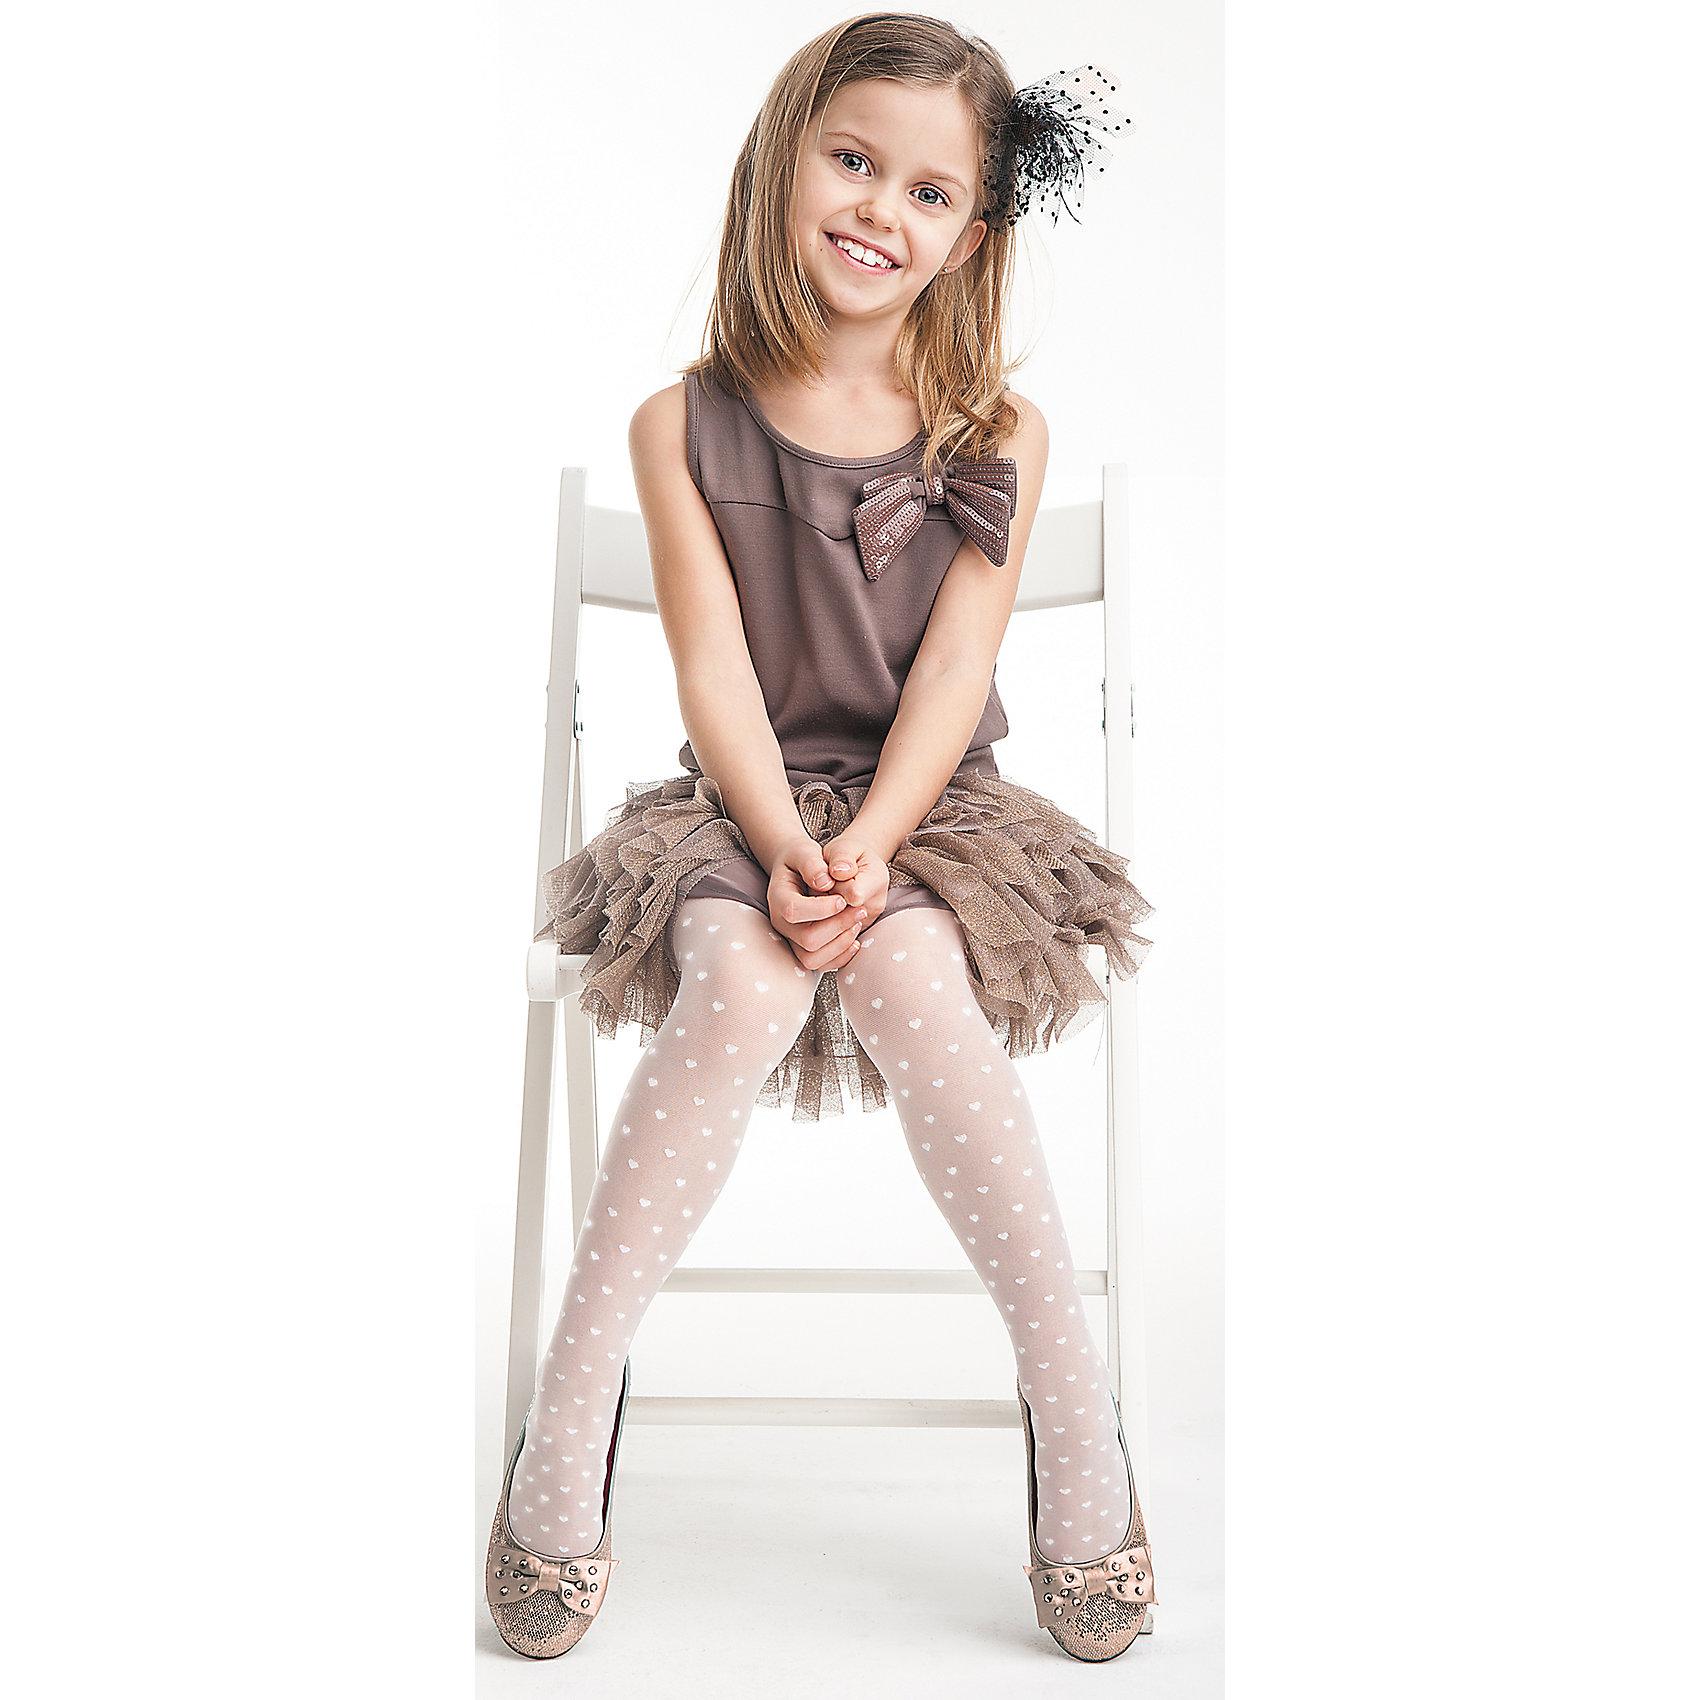 Колготки для девочки KnittexКолготки<br>Колготки для девочки Knittex<br>Однотонные прозрачные колготки плотностью 20 den с рисунком в виде сердечек по всей длине ноги.  Плоские швы. Высокая талия. Широкая комфортная резинка. Укрепленный мысок. <br>Состав:<br>полиамид 88%,                            эластан 11%, хлопок 1%<br><br>Ширина мм: 123<br>Глубина мм: 10<br>Высота мм: 149<br>Вес г: 209<br>Цвет: белый<br>Возраст от месяцев: 72<br>Возраст до месяцев: 84<br>Пол: Женский<br>Возраст: Детский<br>Размер: 116/122,146/152,140/146,134/140,128/134,122/128<br>SKU: 6837410